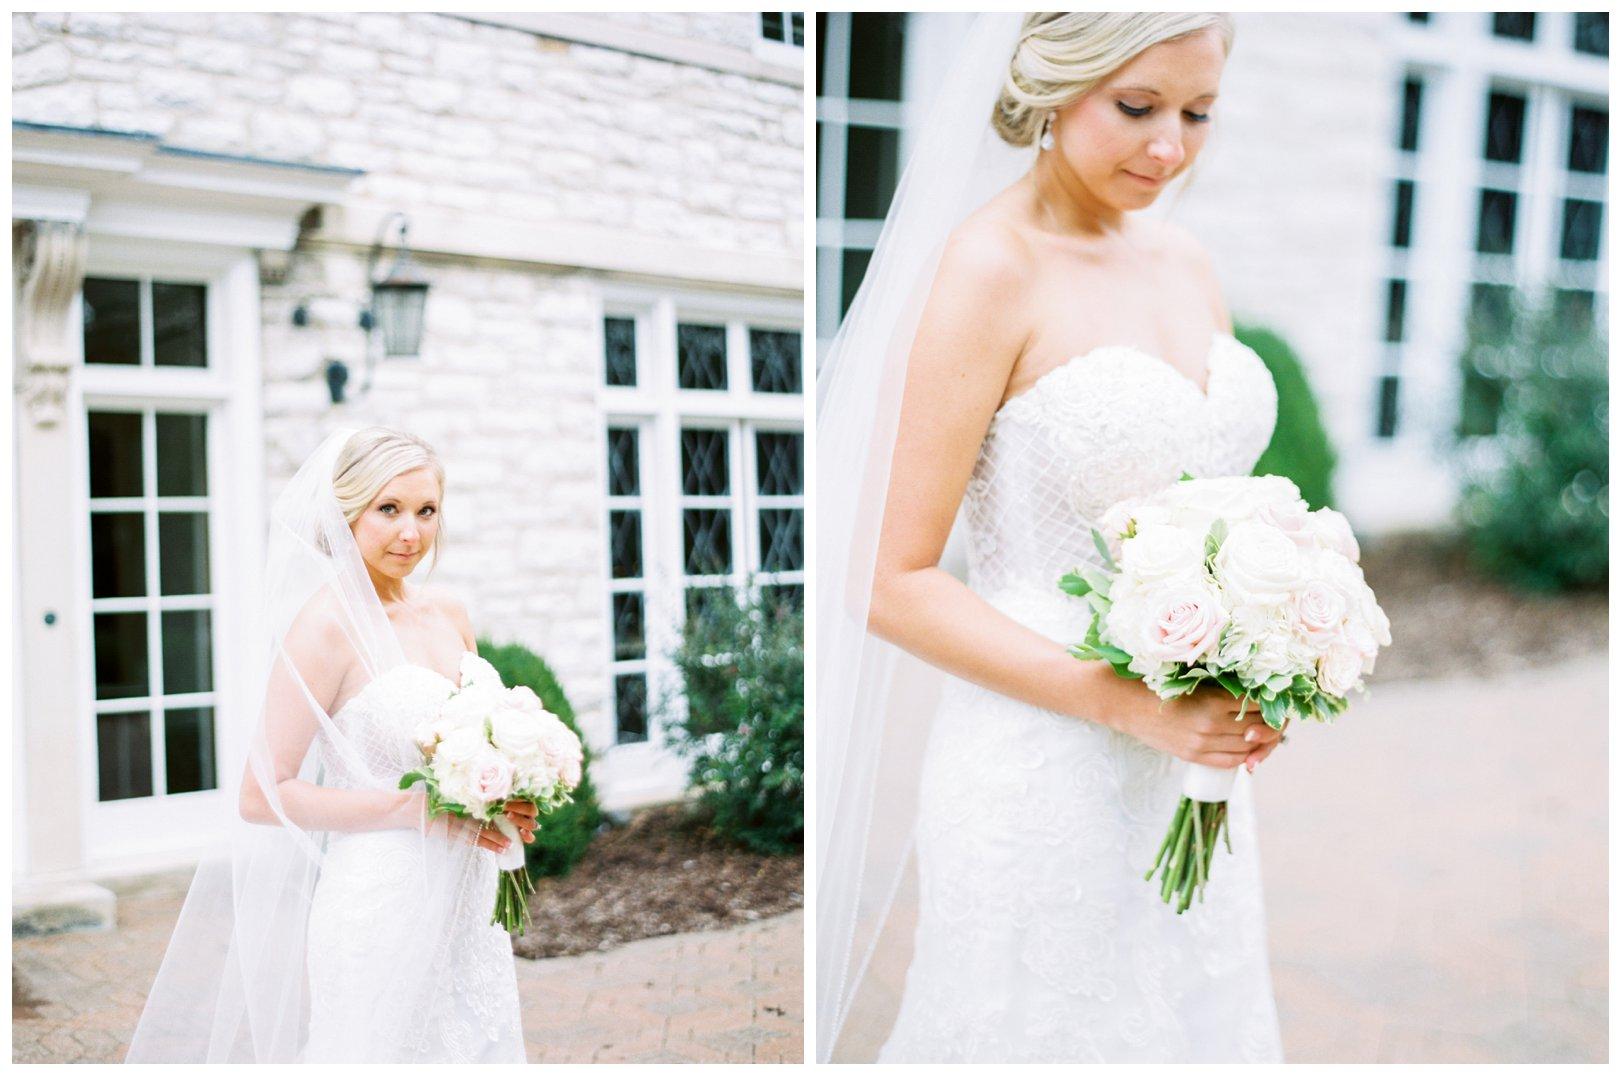 lauren muckler photography_fine art film wedding photography_st louis_photography_2154.jpg